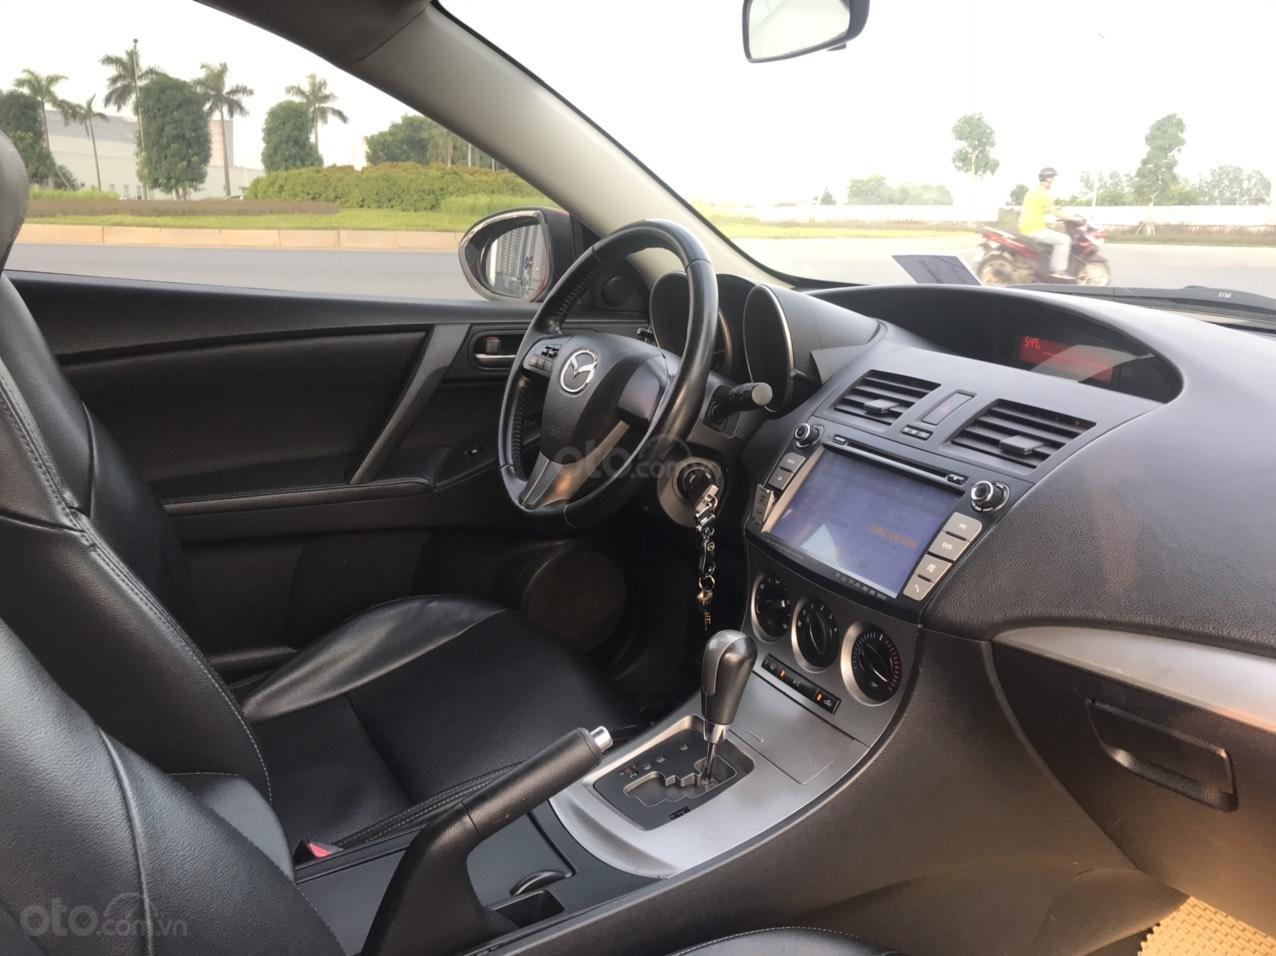 Cần bán Mazda 3 Hatchback 2010 màu đỏ chính chủ (10)